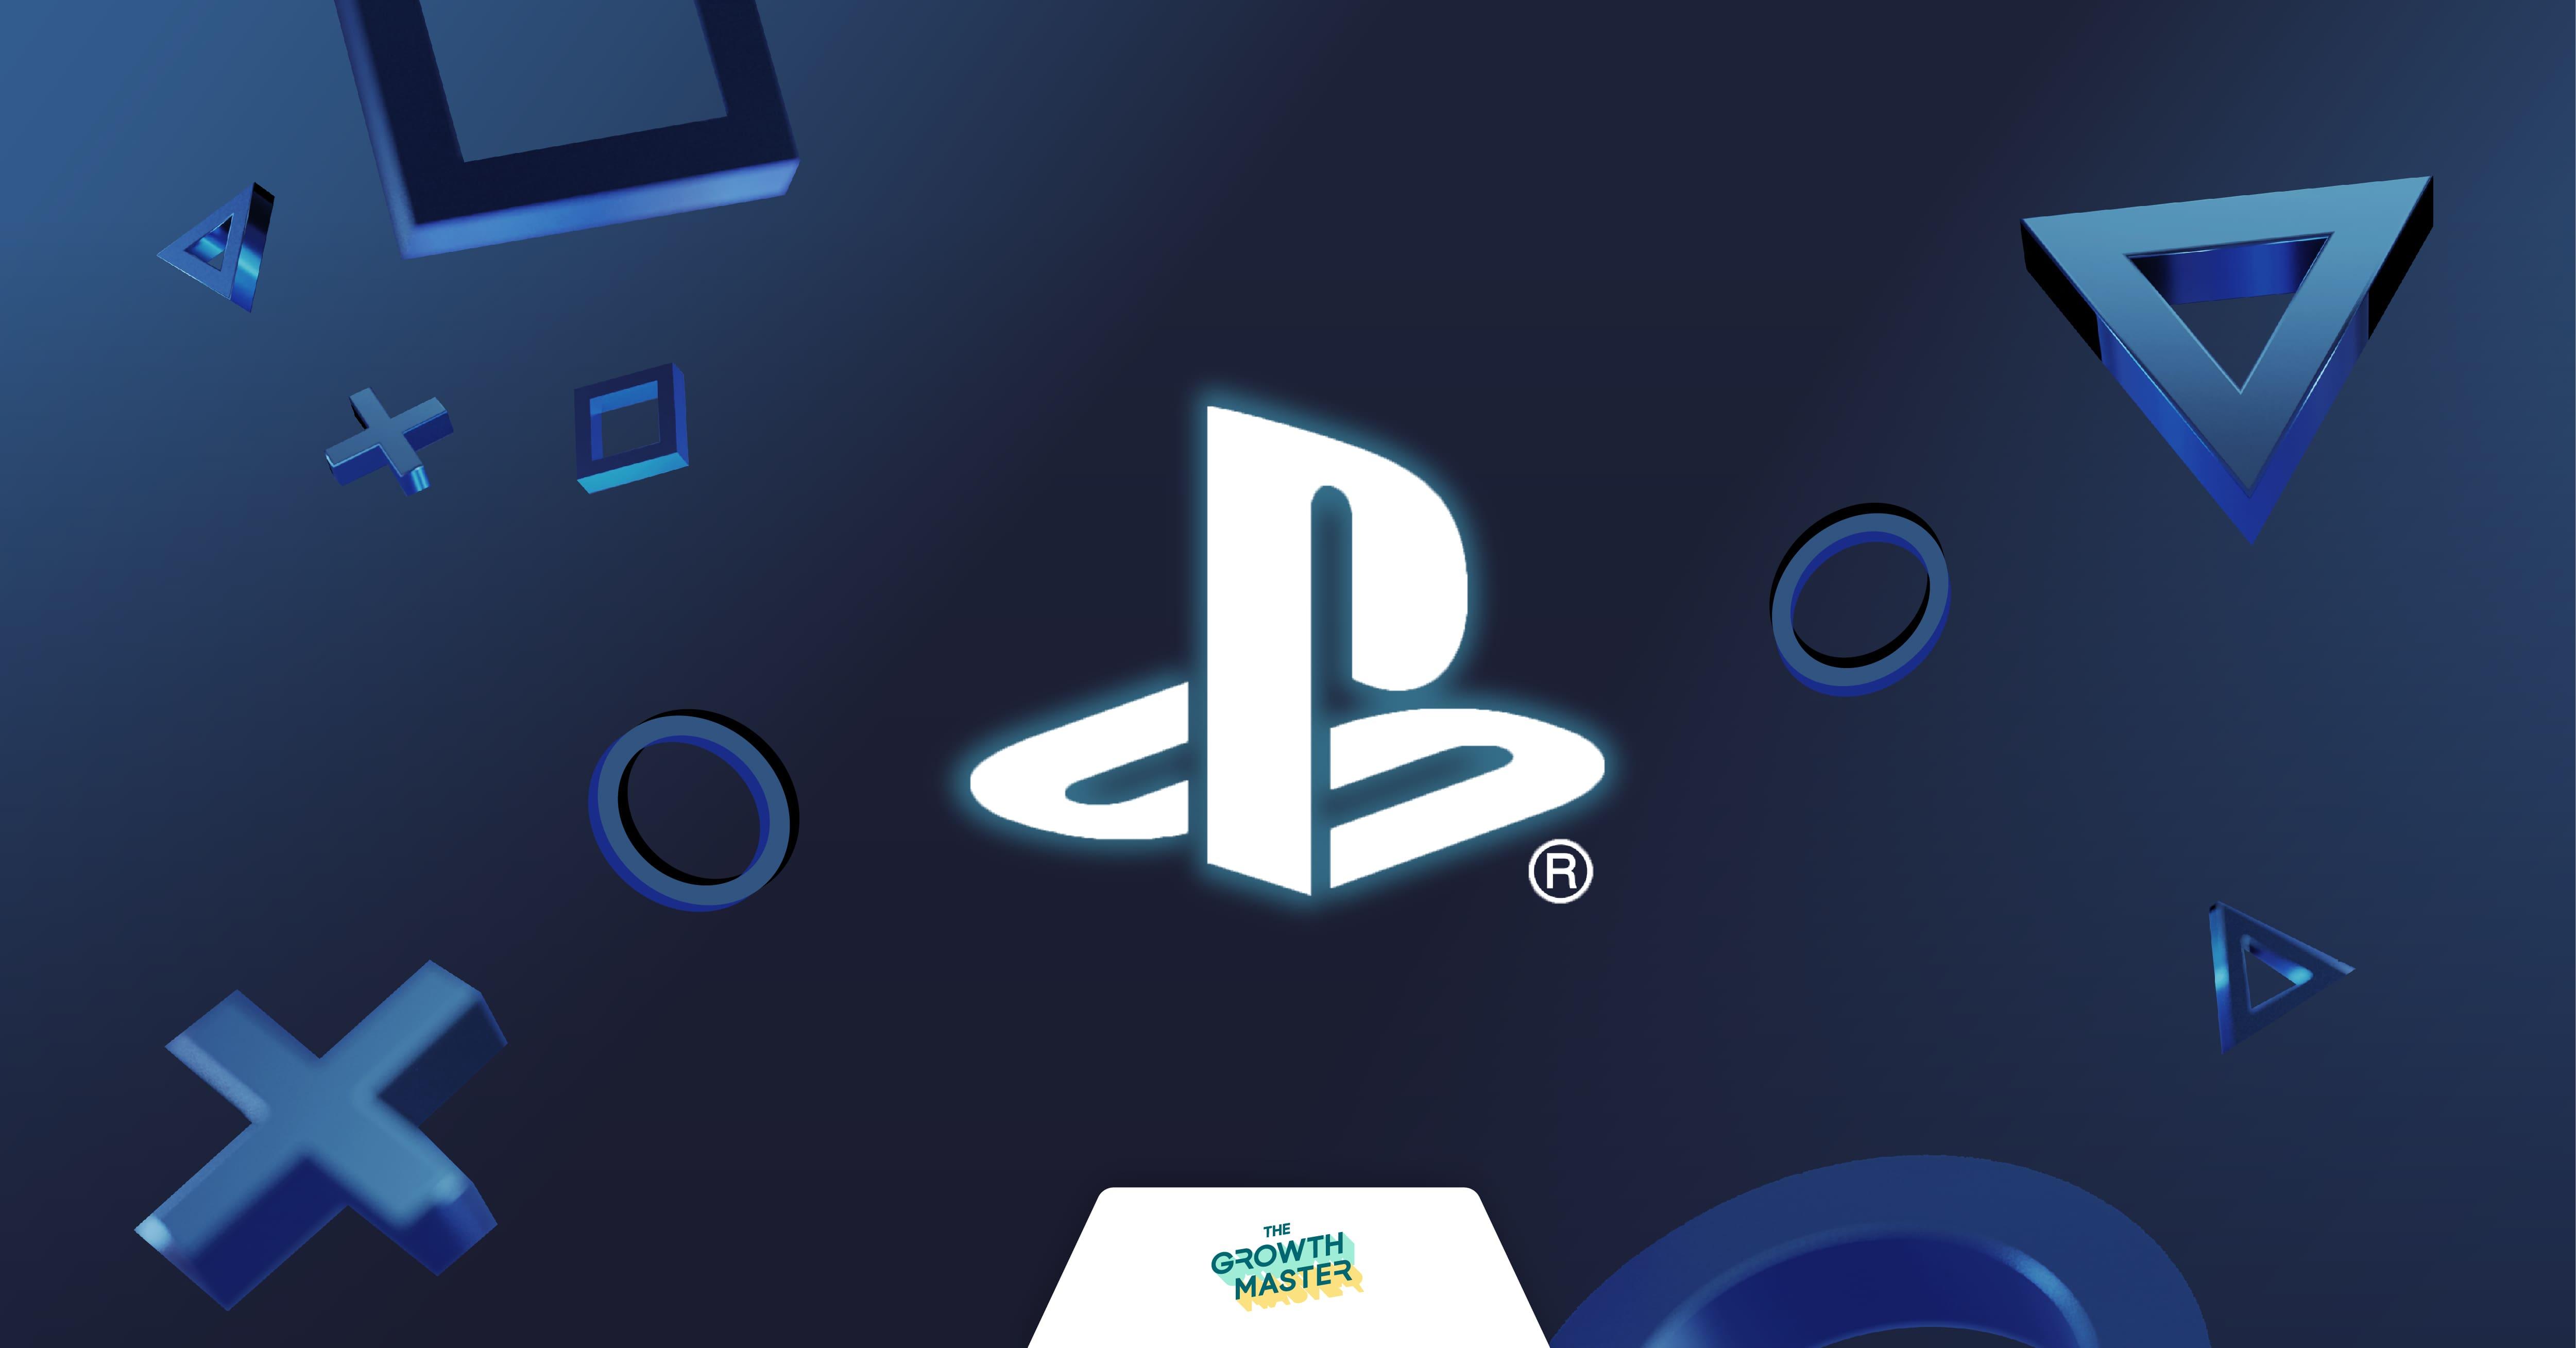 CASE STUDY : กลยุทธ์ที่ทำให้ PlayStation ครองตำแหน่งเครื่องเล่นเกมคู่ใจของคนทั่วโลกมาเกือบ 30 ปี